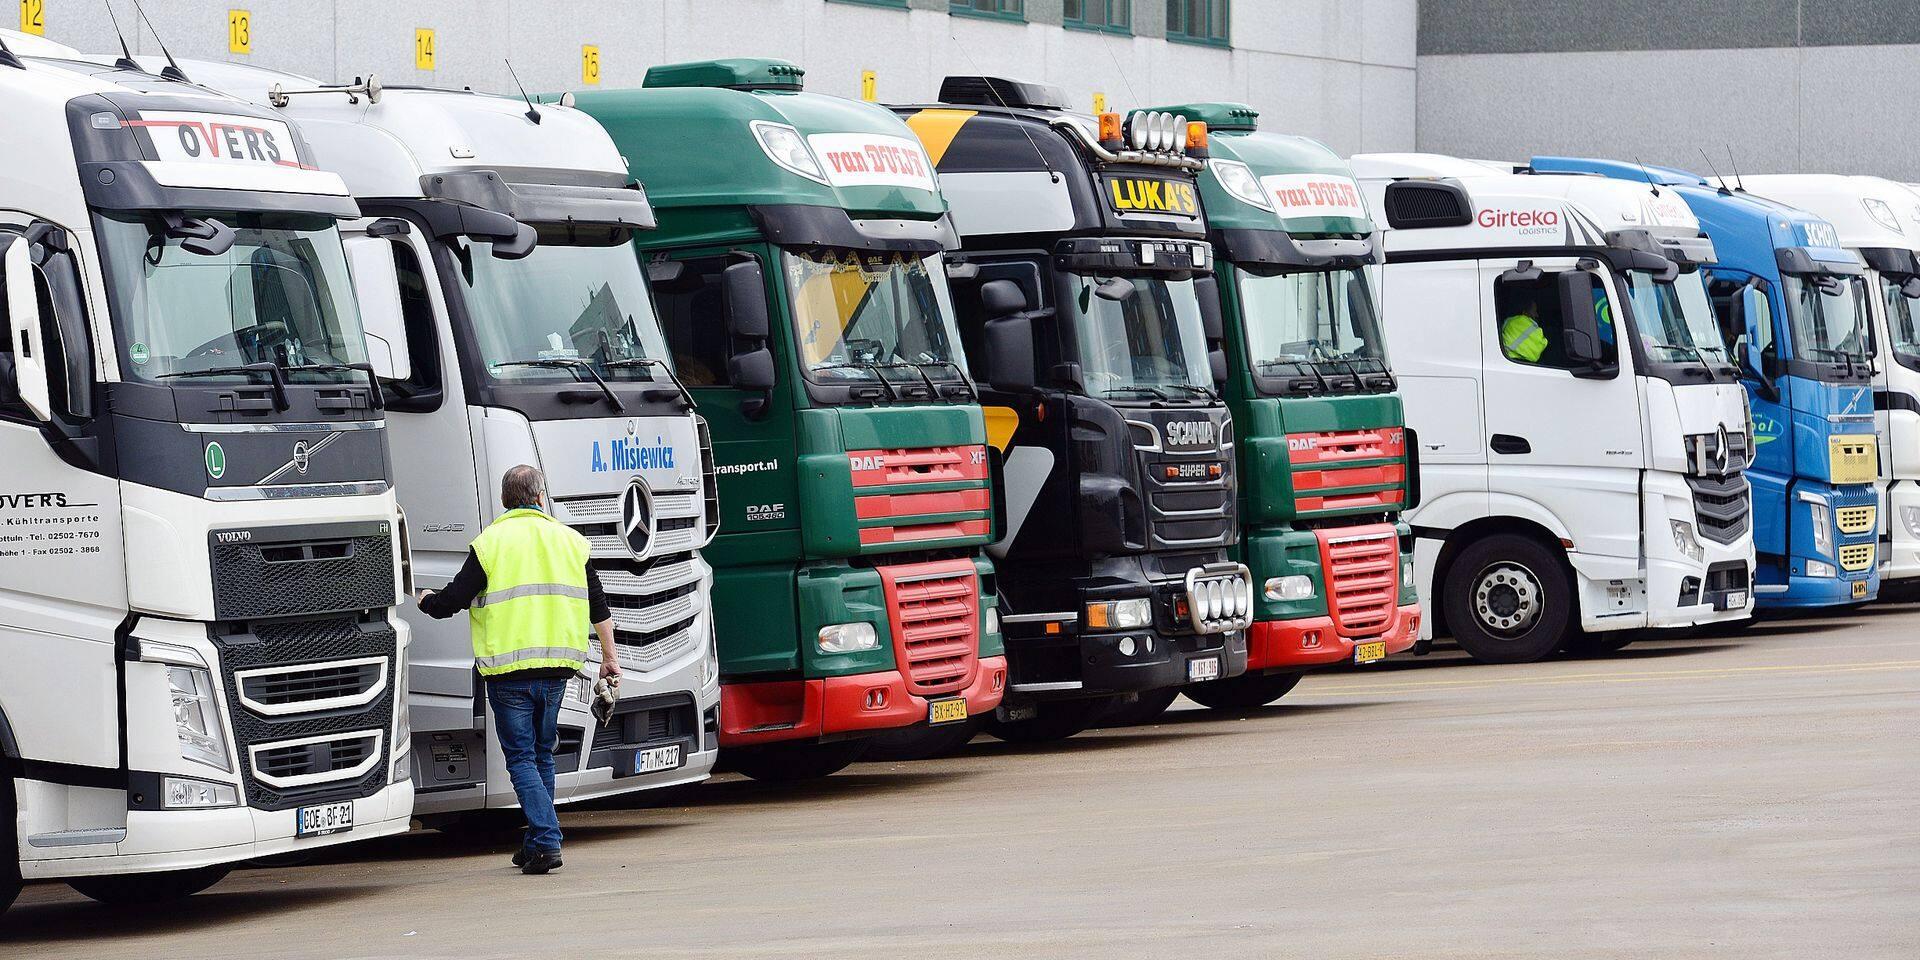 Port Anvers industrie travail chômage emploi camion kilomètre taxe Viapass chauffeur routier transport